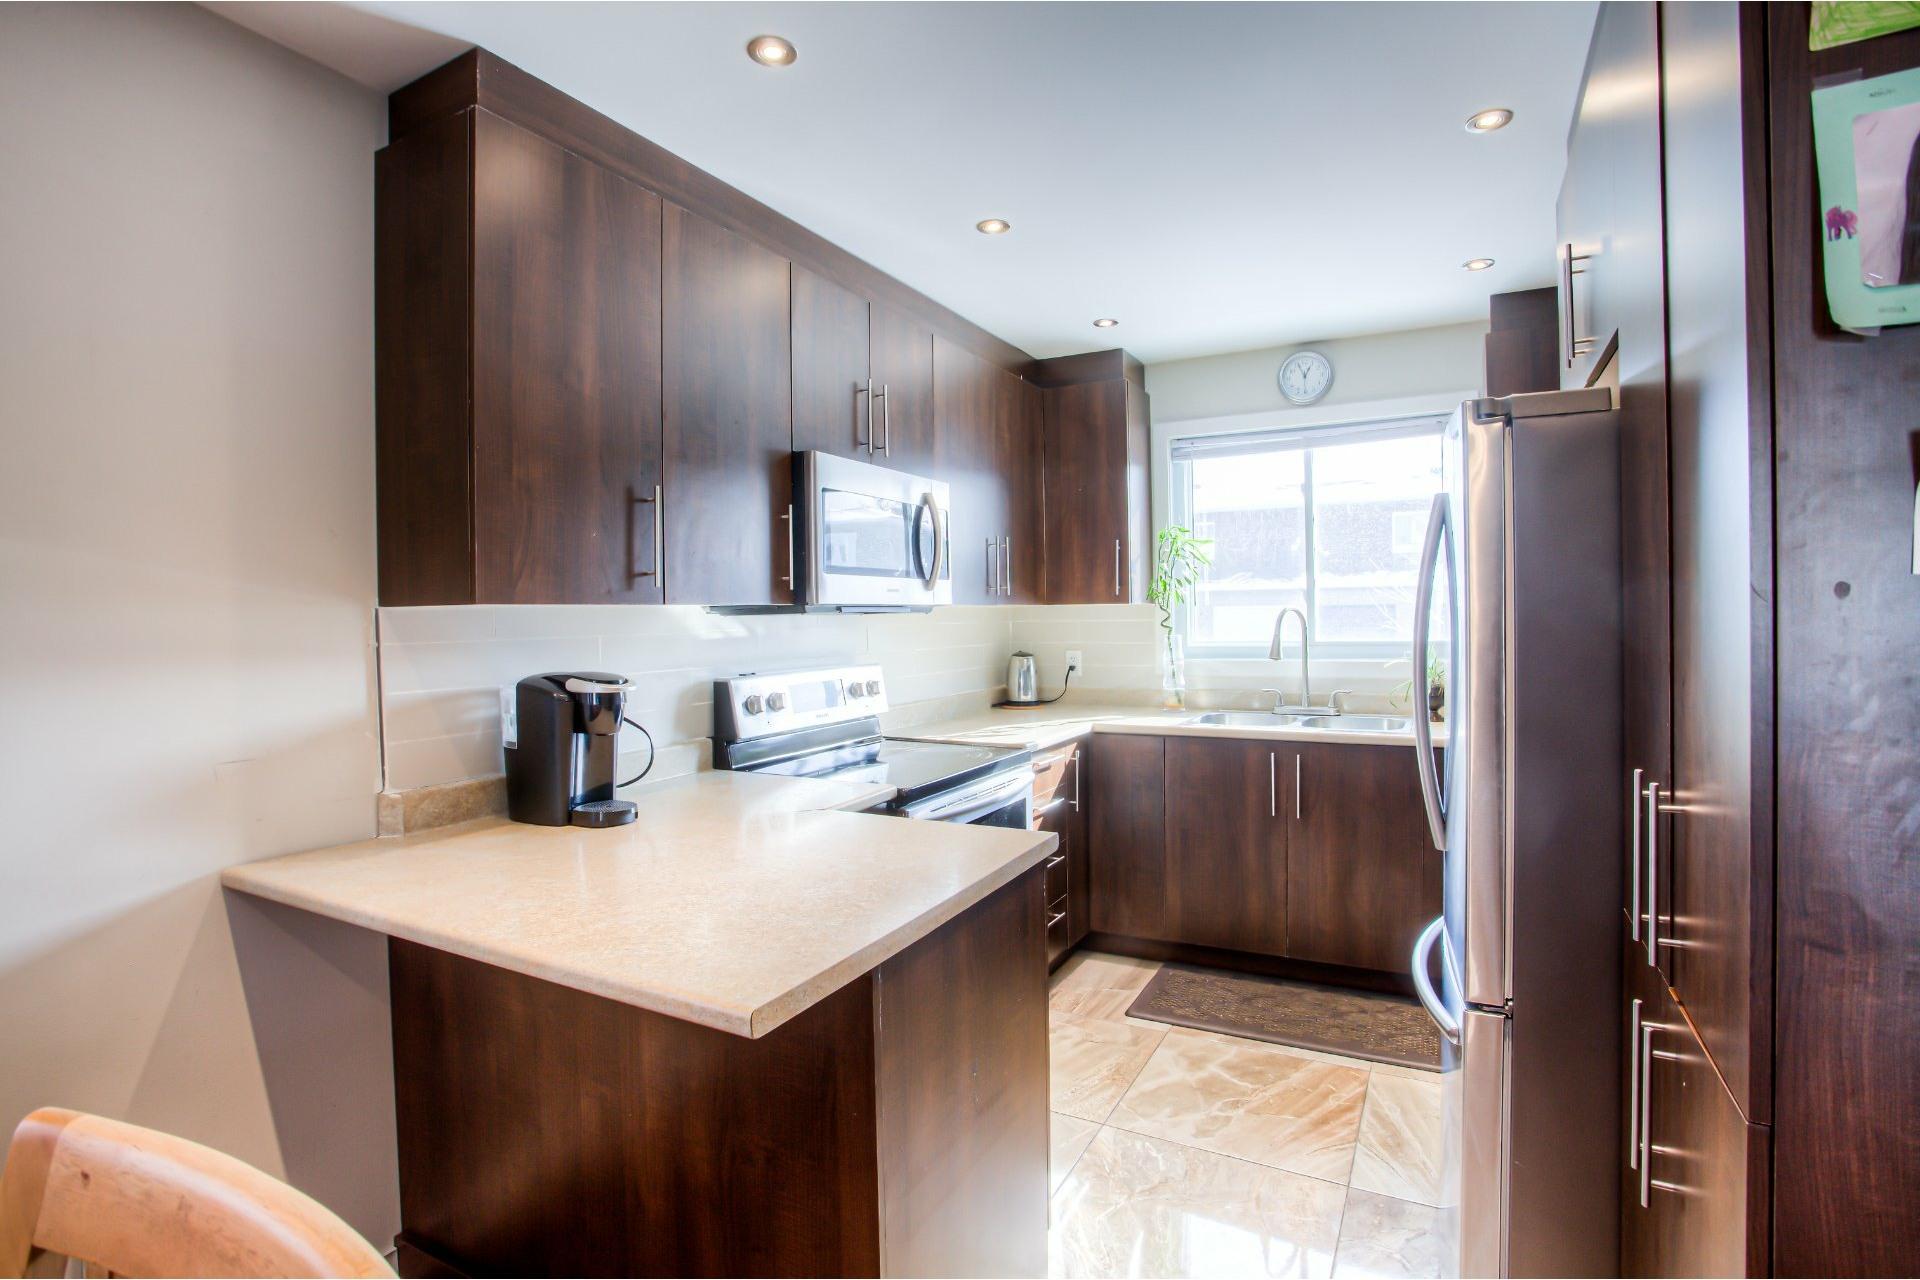 image 10 - Maison À louer Pierrefonds-Roxboro Montréal  - 9 pièces